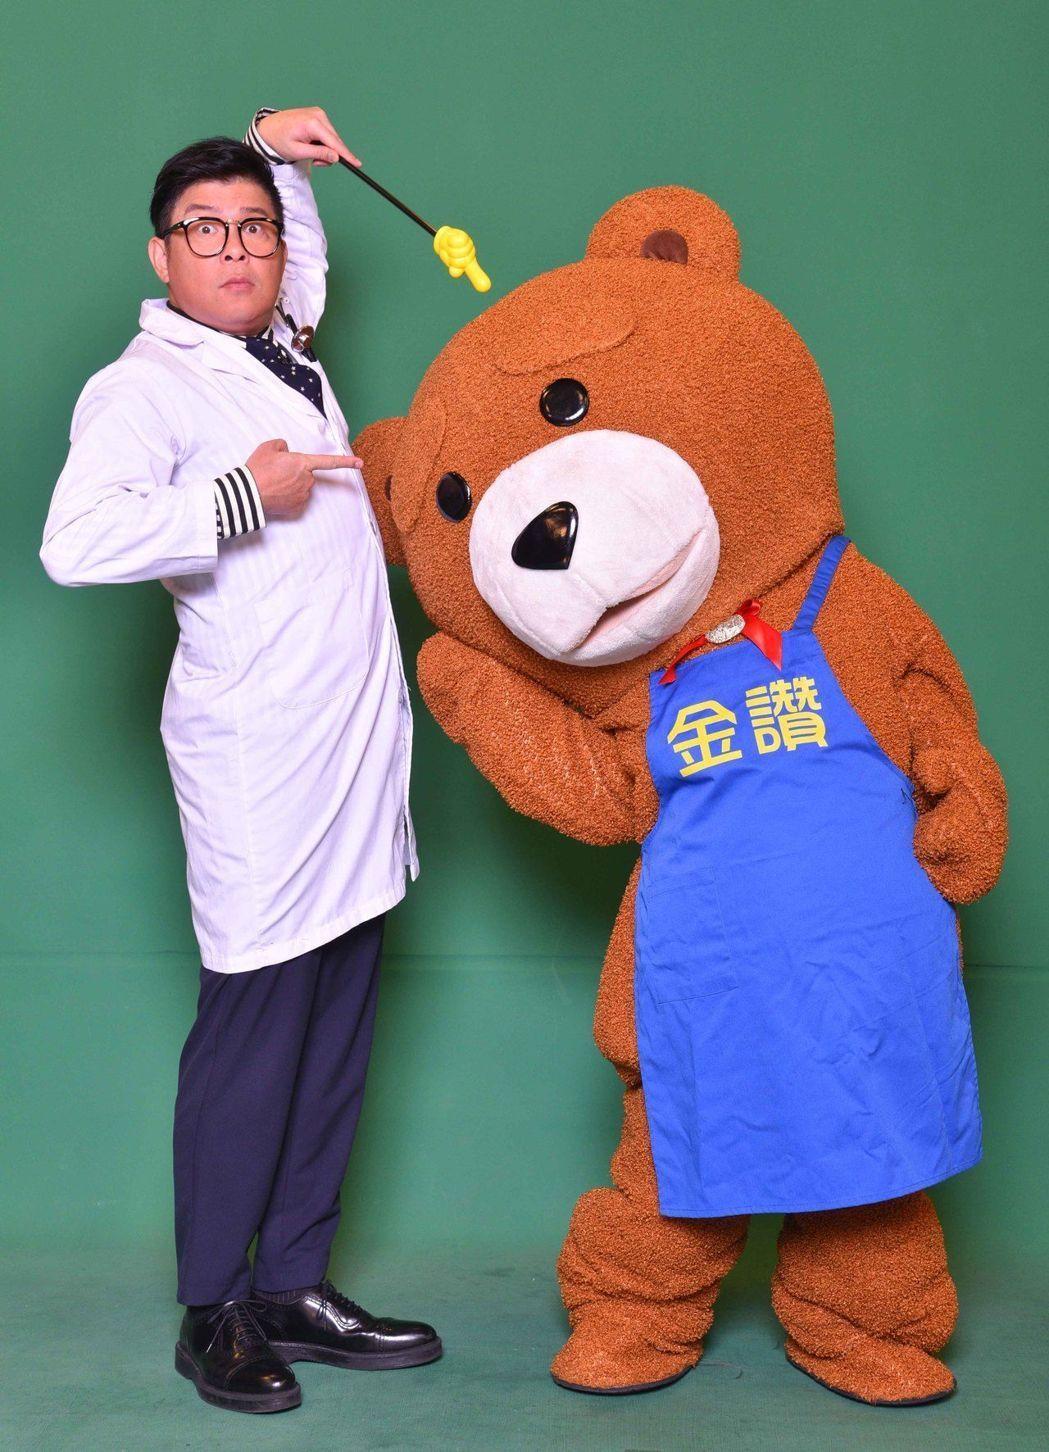 曾國城最近接下醫療健康節目,他說剛好可以審視自己的身體狀況。圖/中天提供